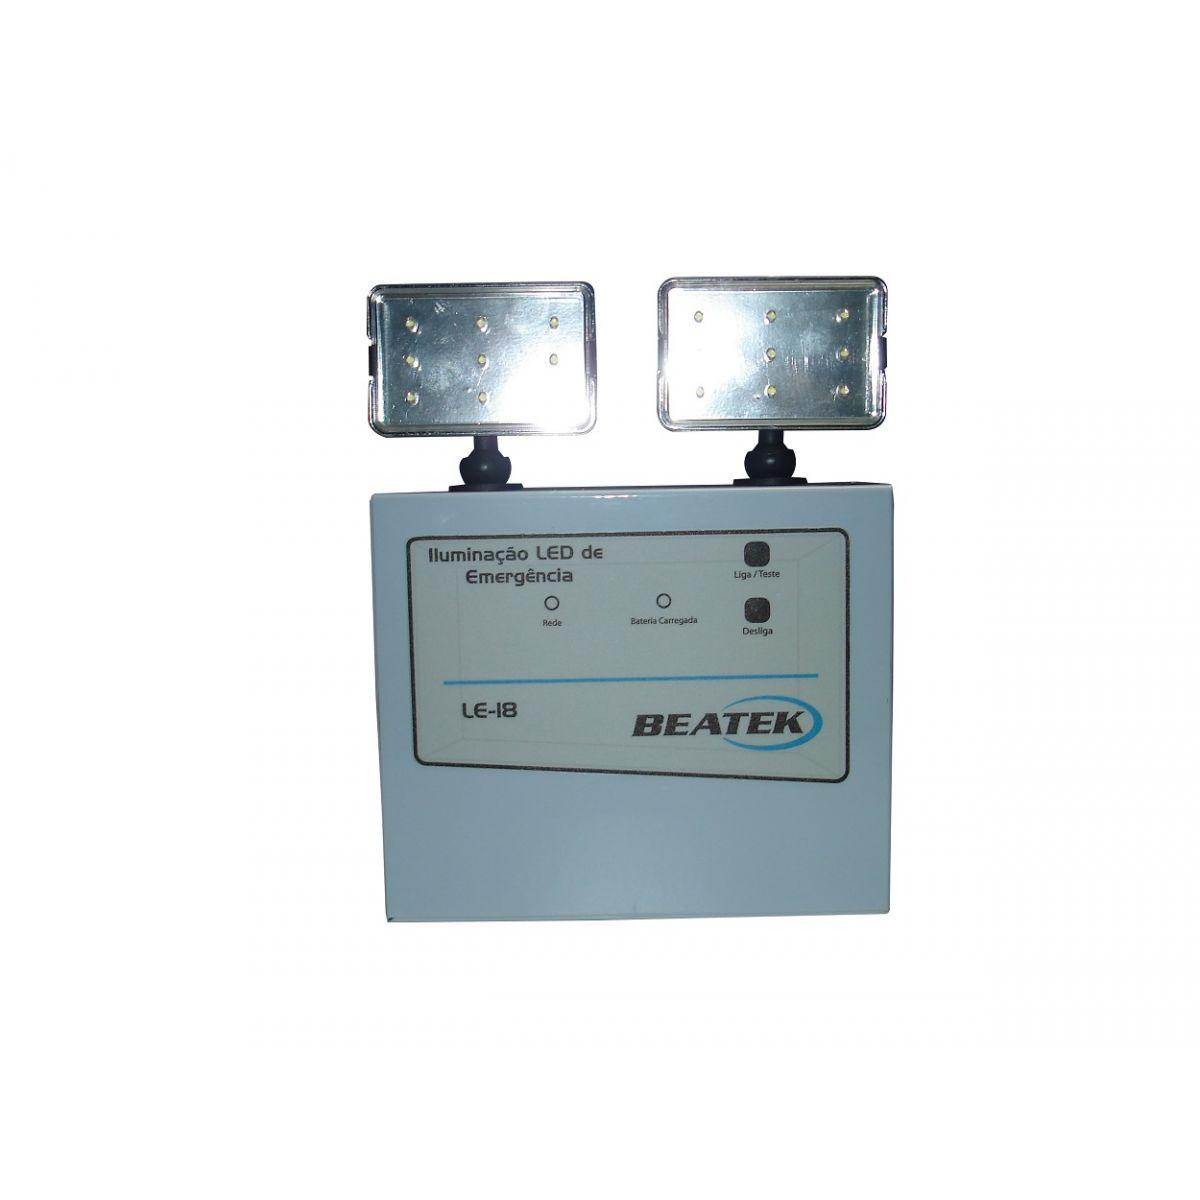 Luminária de Emergência LED LE-18